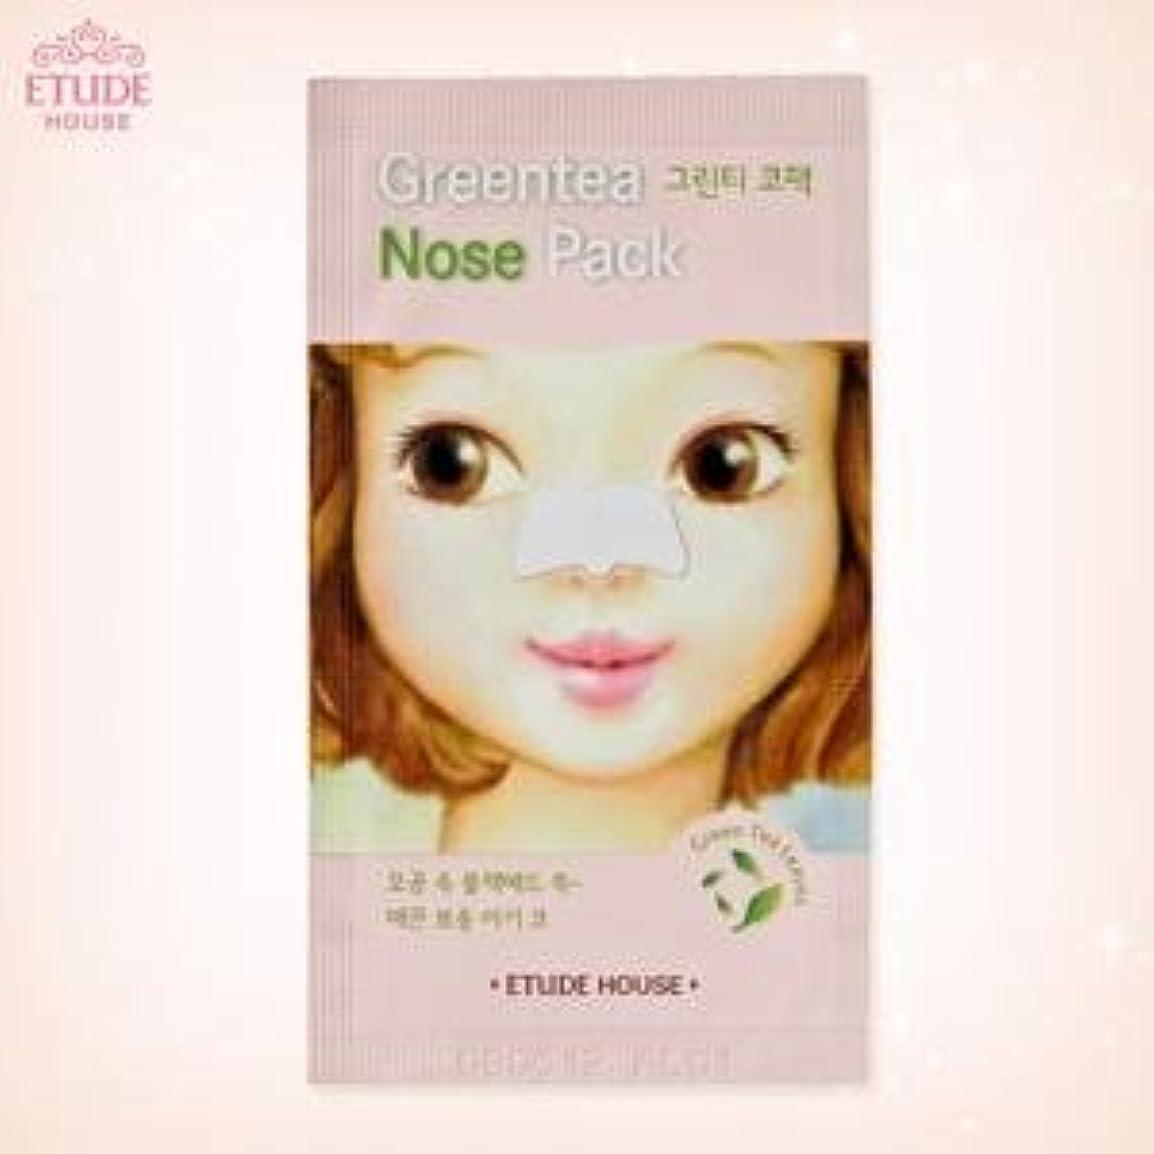 のぞき穴わなメッセージエチュードハウス グリーンティー ノーズパック[Greentea Nose Pack]鼻専用パック